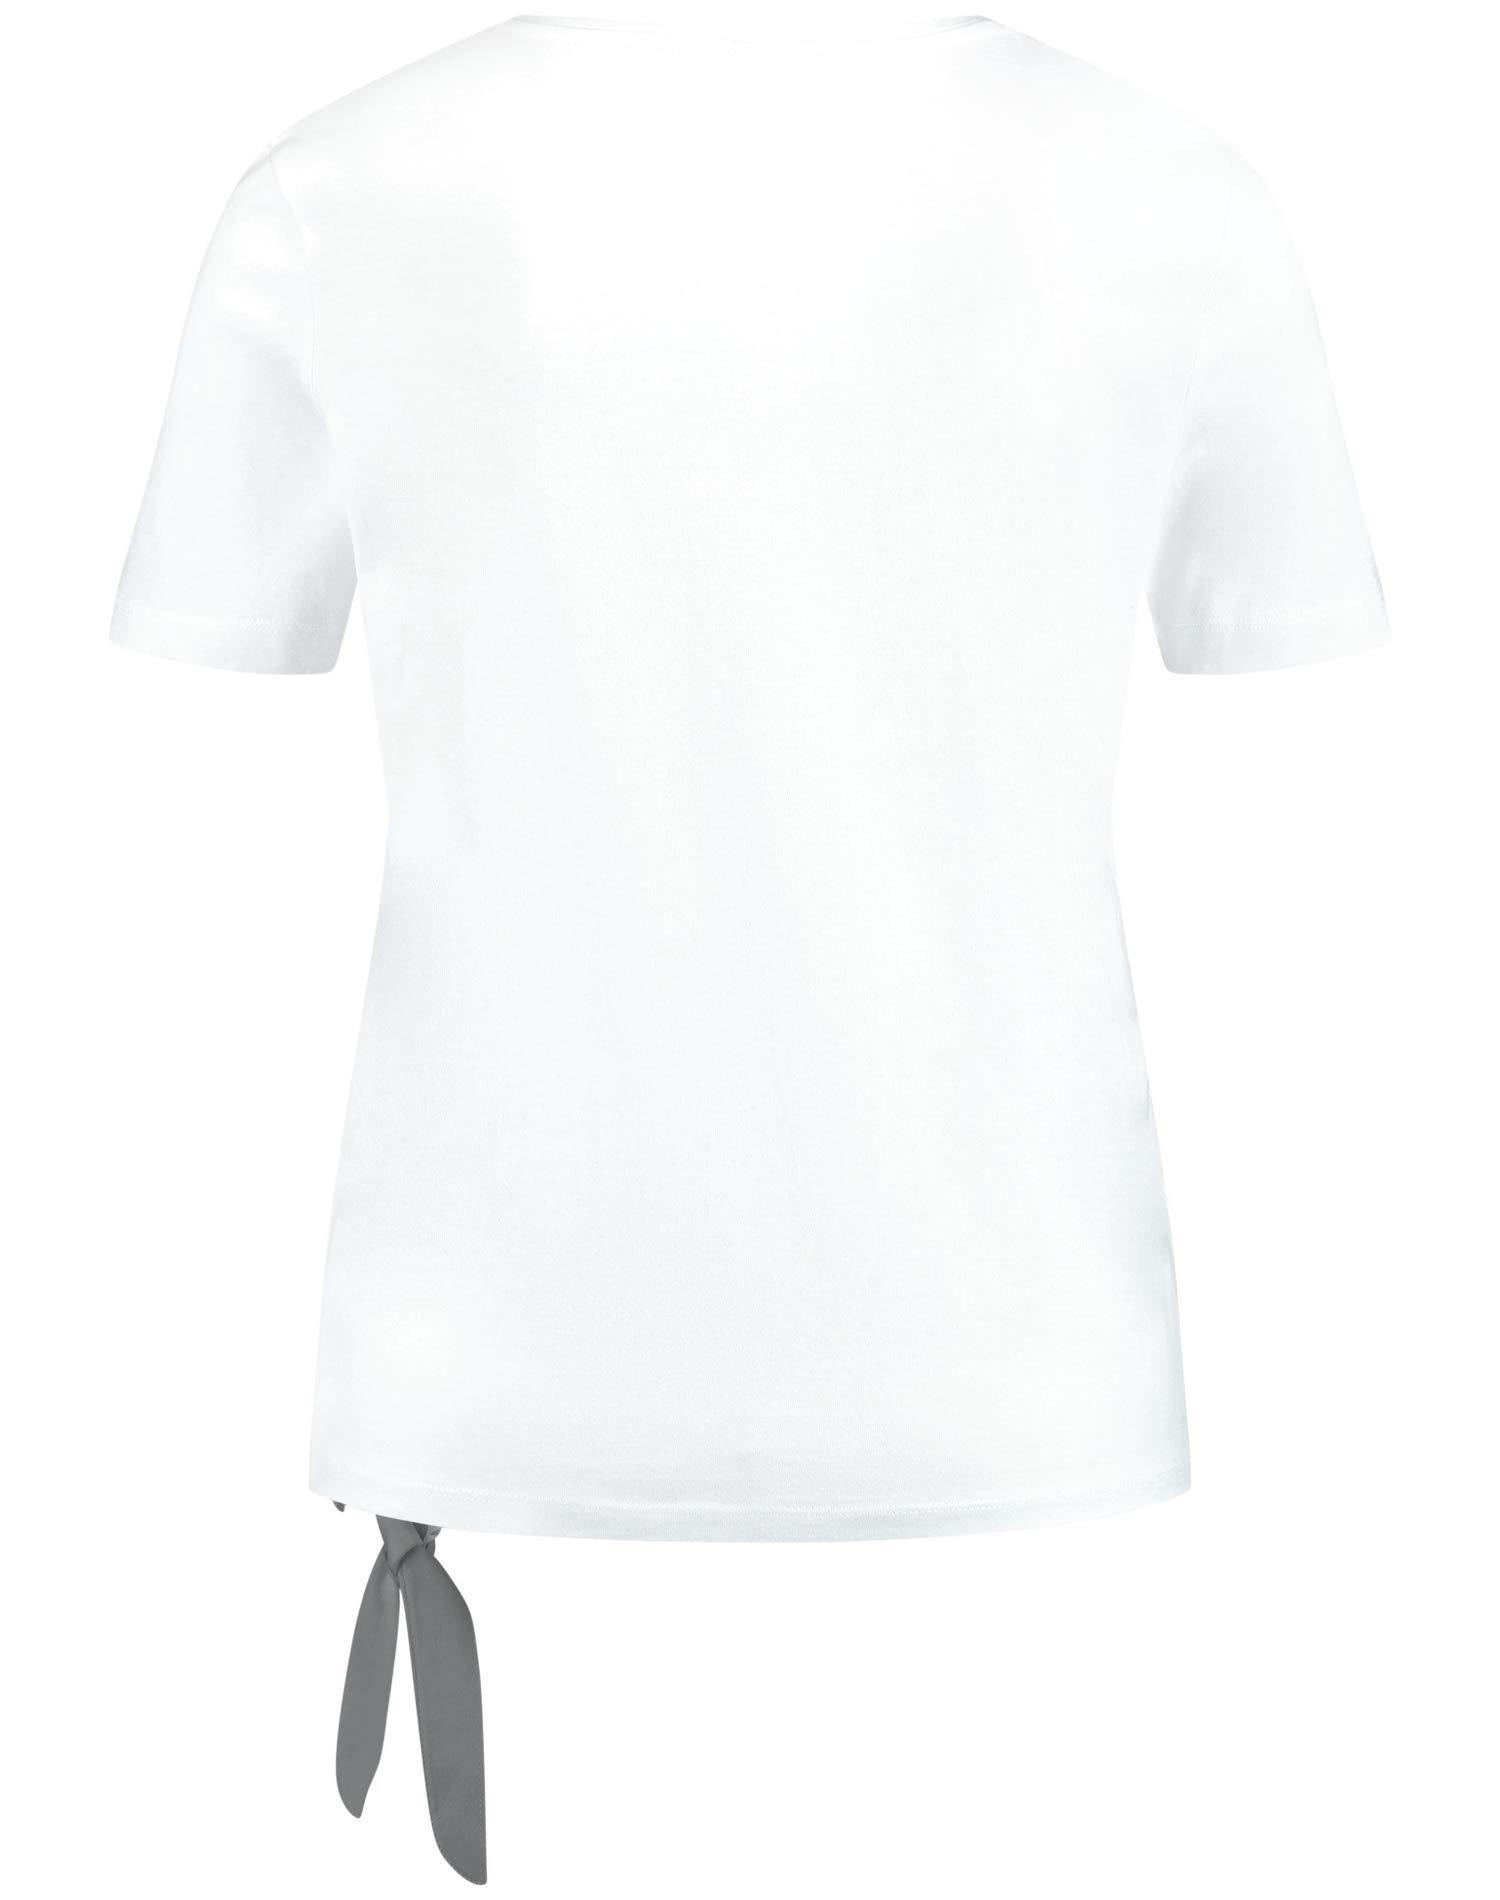 Gerry Weber Rundhals T-Shirt in weiß günstig kaufen